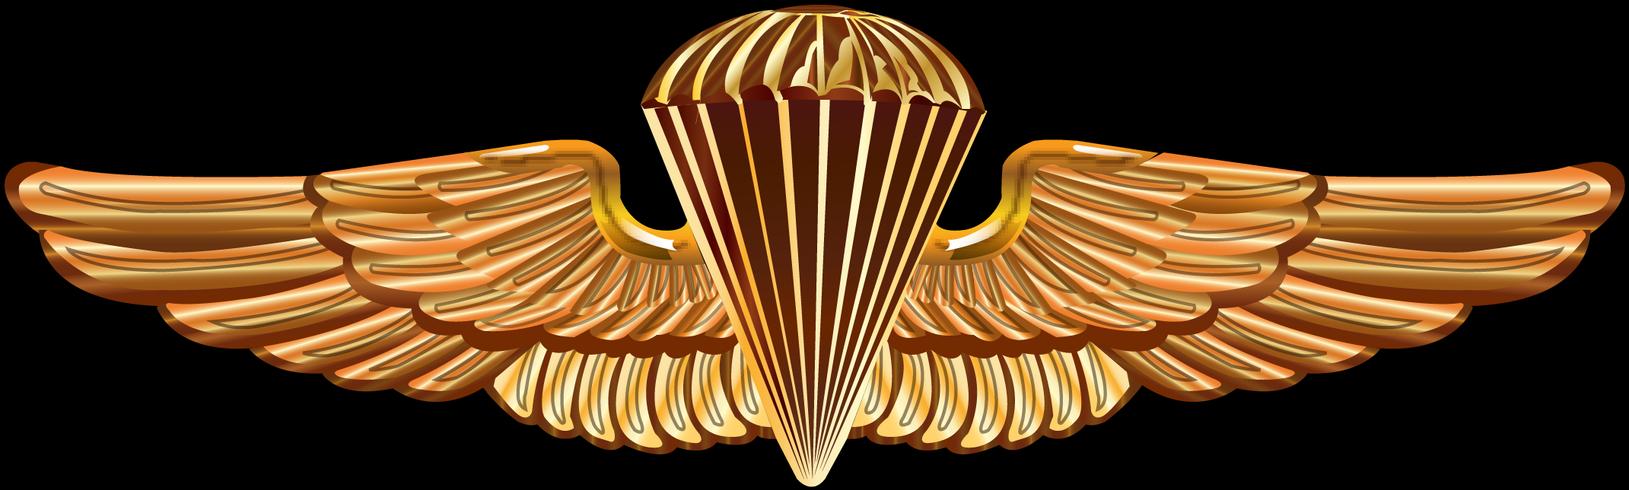 Marine Jump Wings by jbraden37 on DeviantArt